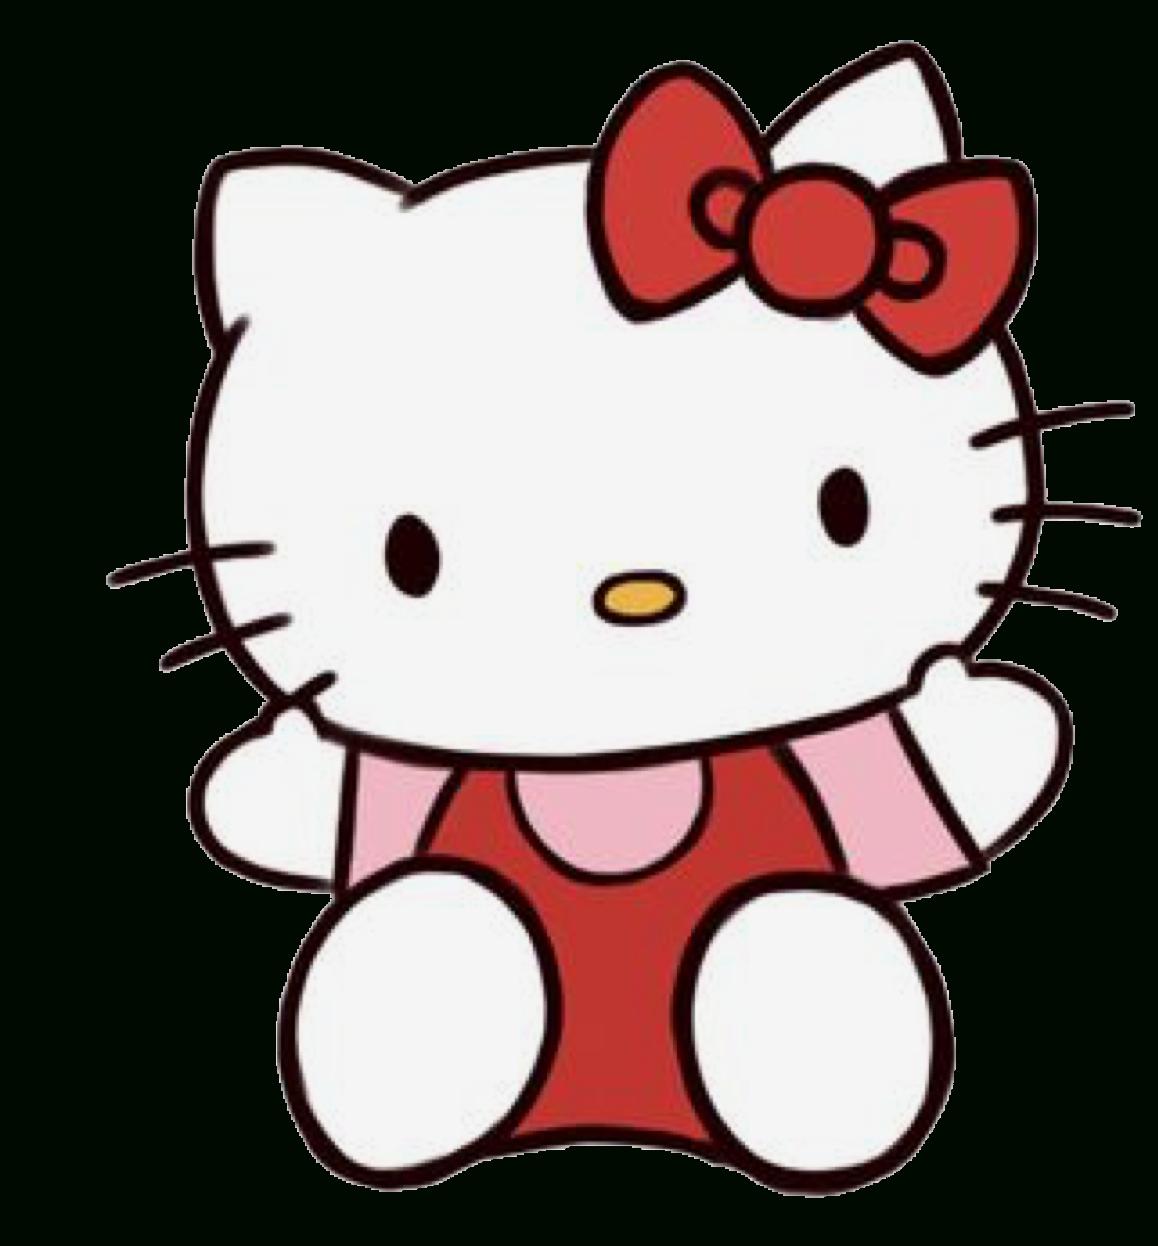 Pin Auf My Hk Clipart #2 verwandt mit Hello Kitty Zeichnen